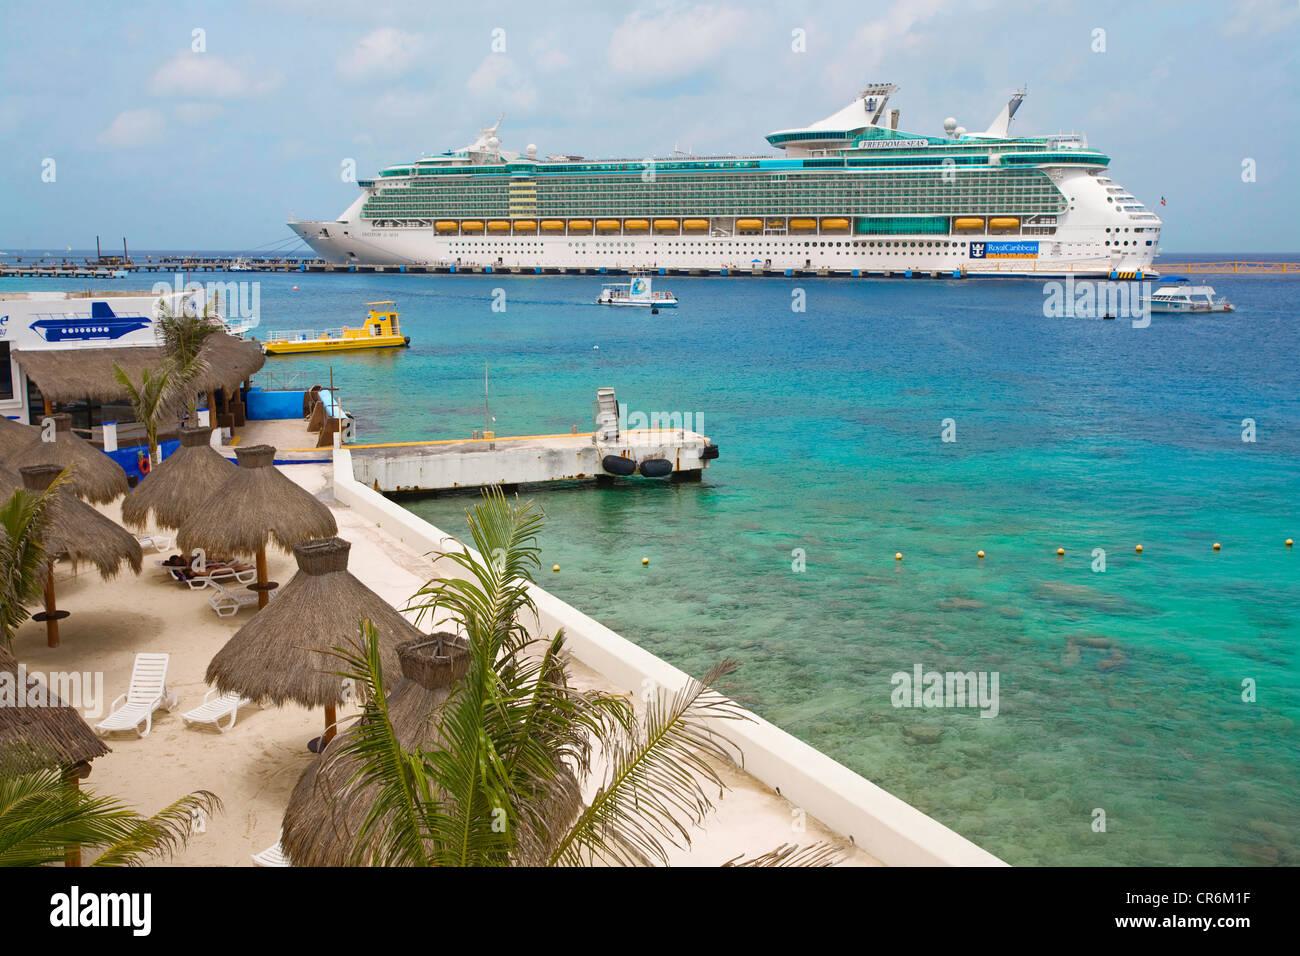 La liberté de la mer, un bateau de croisière, petite plage, San Miguel, Cozumel, Mexique, Caraïbes Photo Stock